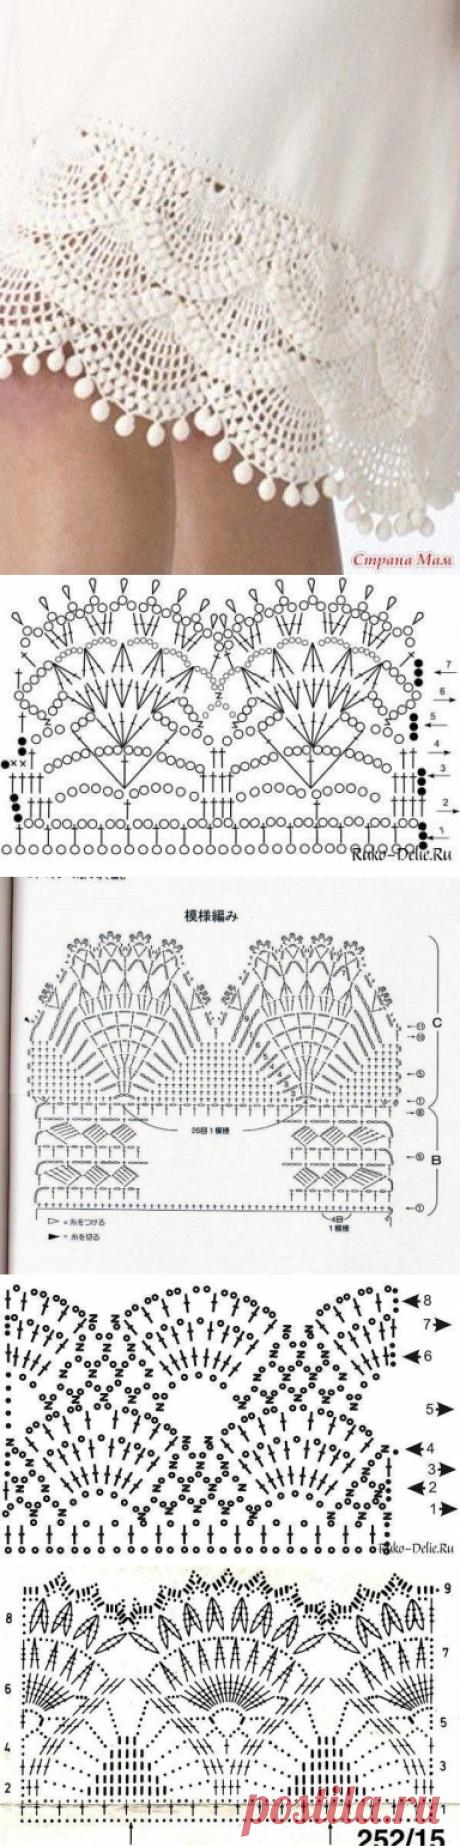 «Находите рецепты, советы по дизайну жилья, собственному стилю и другие идеи.» — карточка пользователя alina p. в Яндекс.Коллекциях